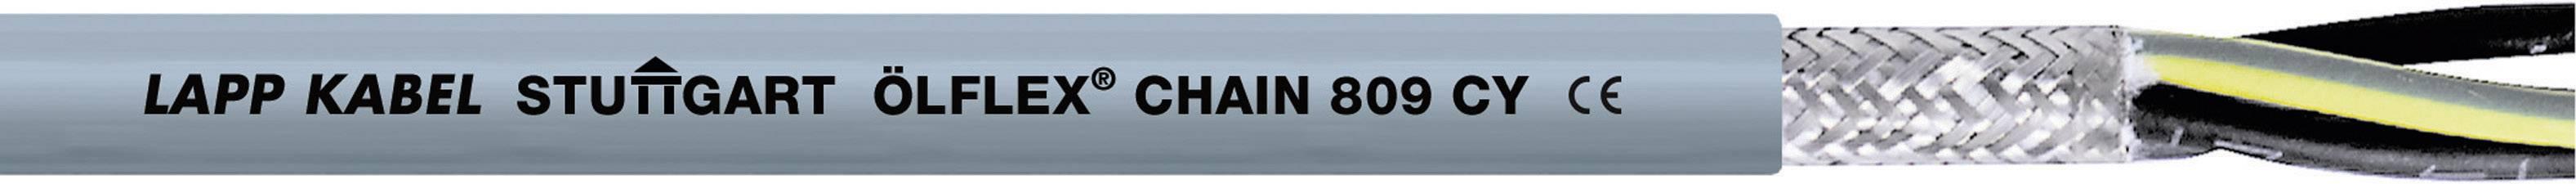 Žíla kabelu LappKabel ÖLFLEX CHAIN 809 CY 2X0,75 (1026759), 2x 0,75 mm², PVC, Ø 6,2 mm, stíněný, 1 m, šedá